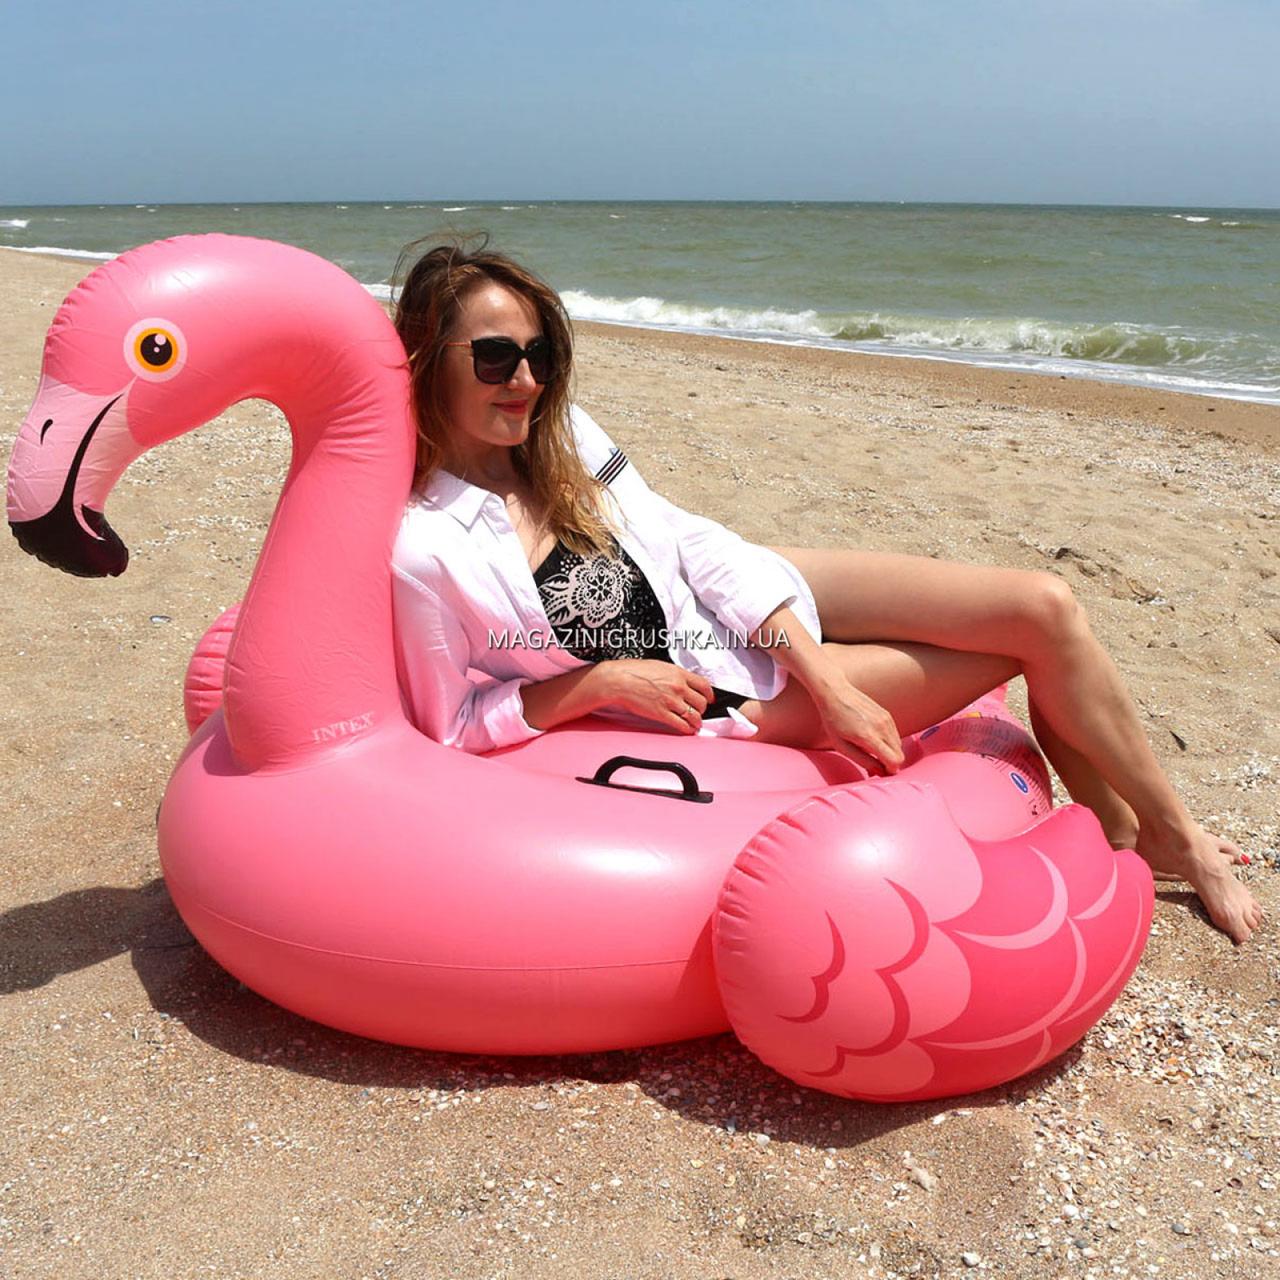 Матрас надувной Intex Розовый Фламинго (Flamingo) арт.57558. Отлично подходит для отдыха на море, в бассейне